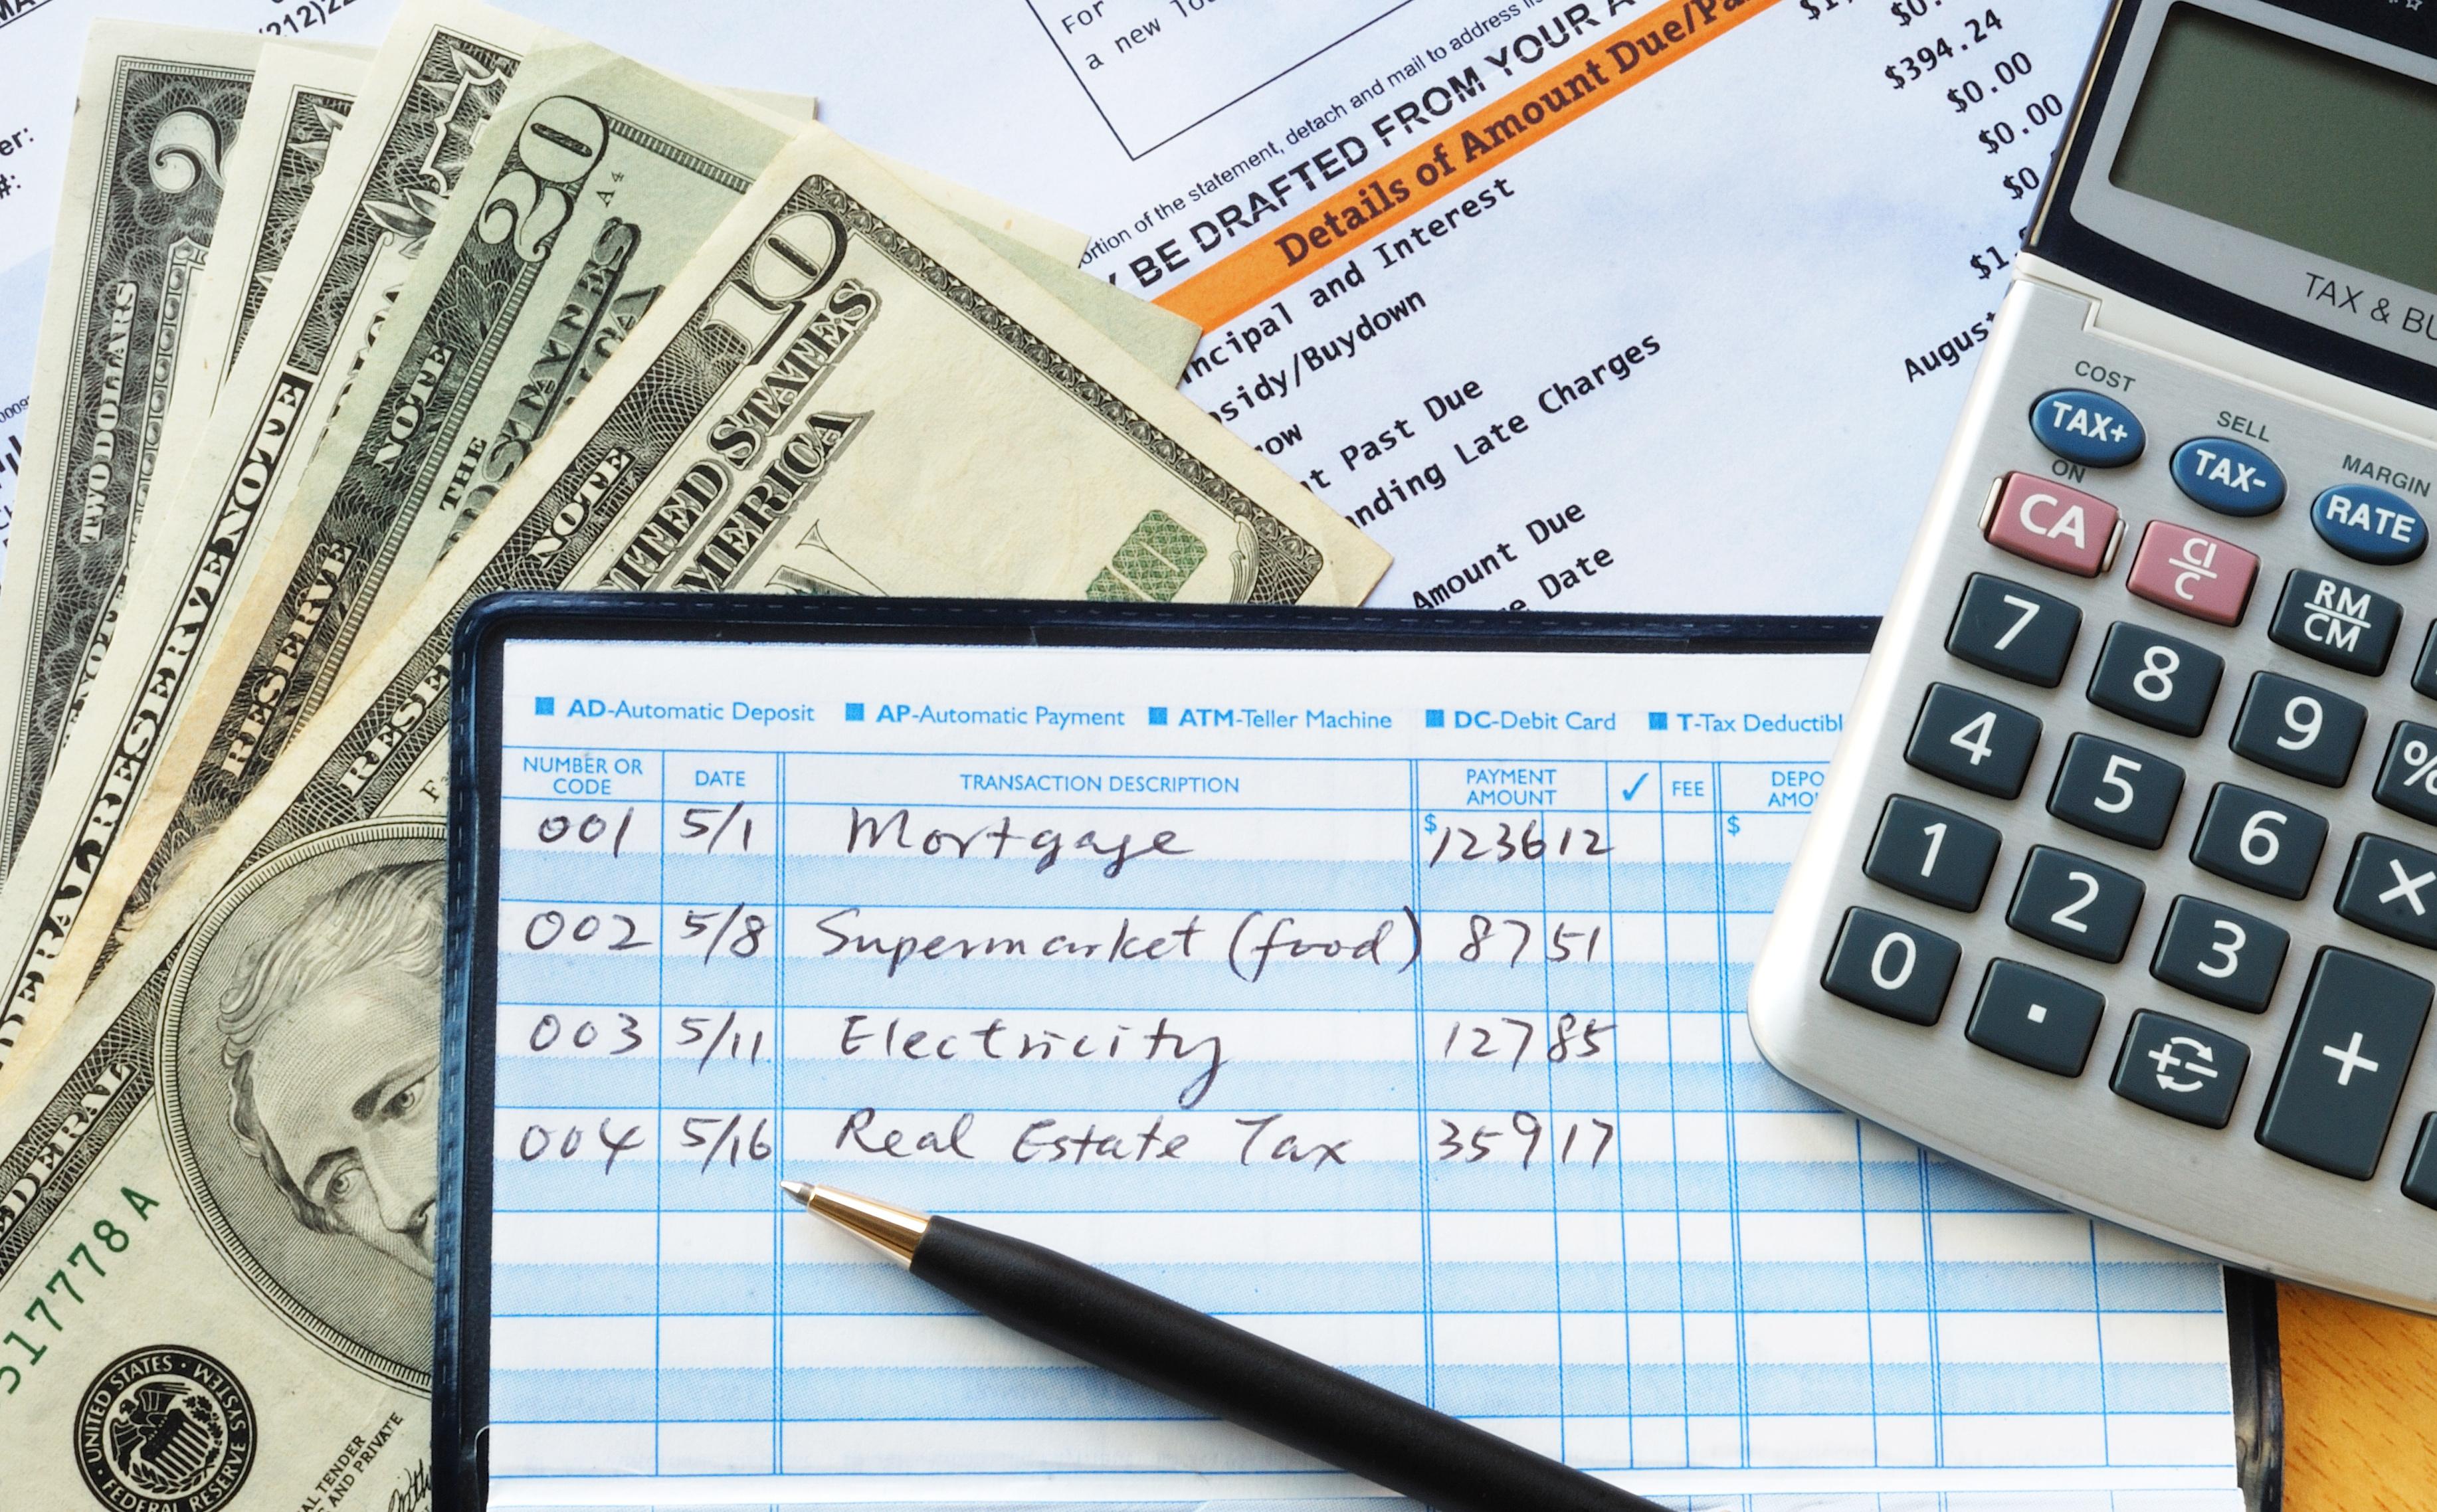 p&c qld accounting manual